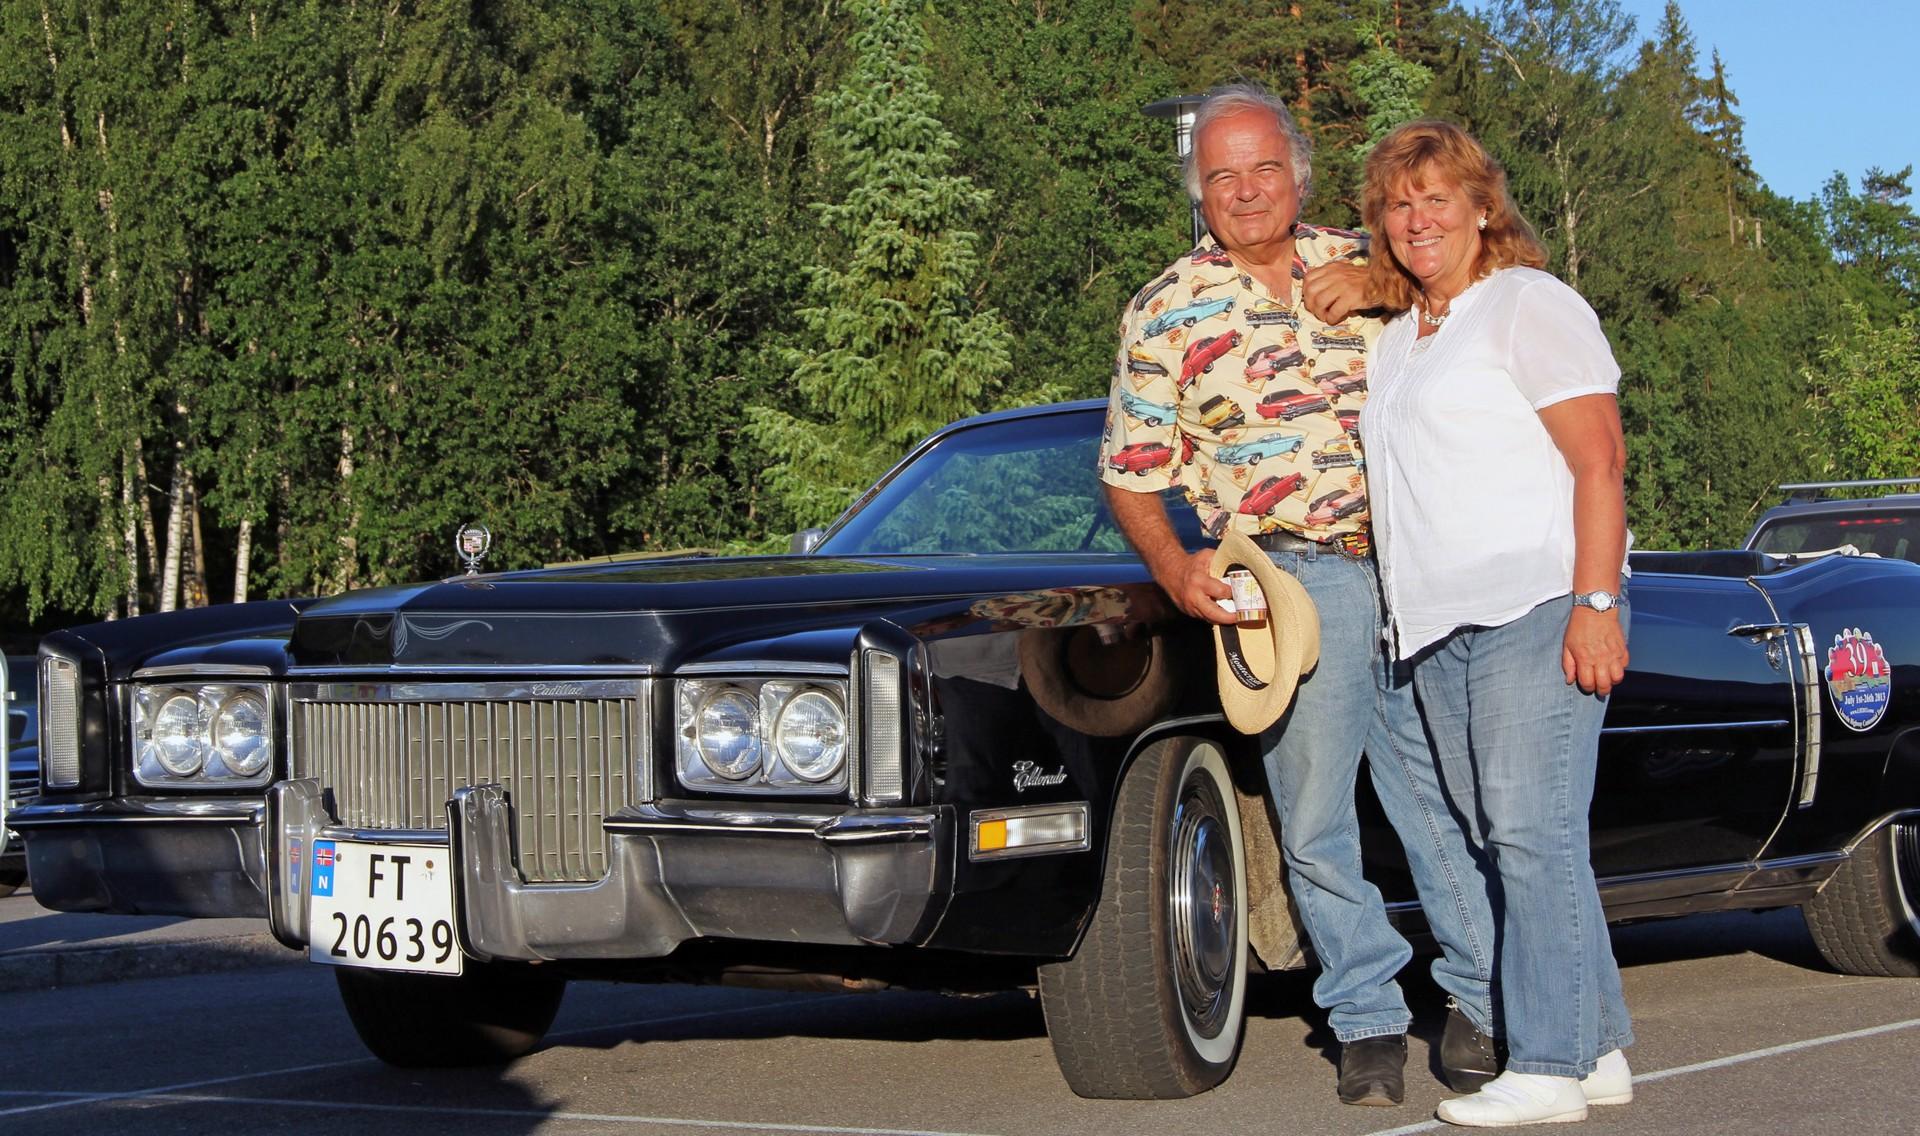 135-1972 Cadillac Eldorado convertible 02. Eiere-